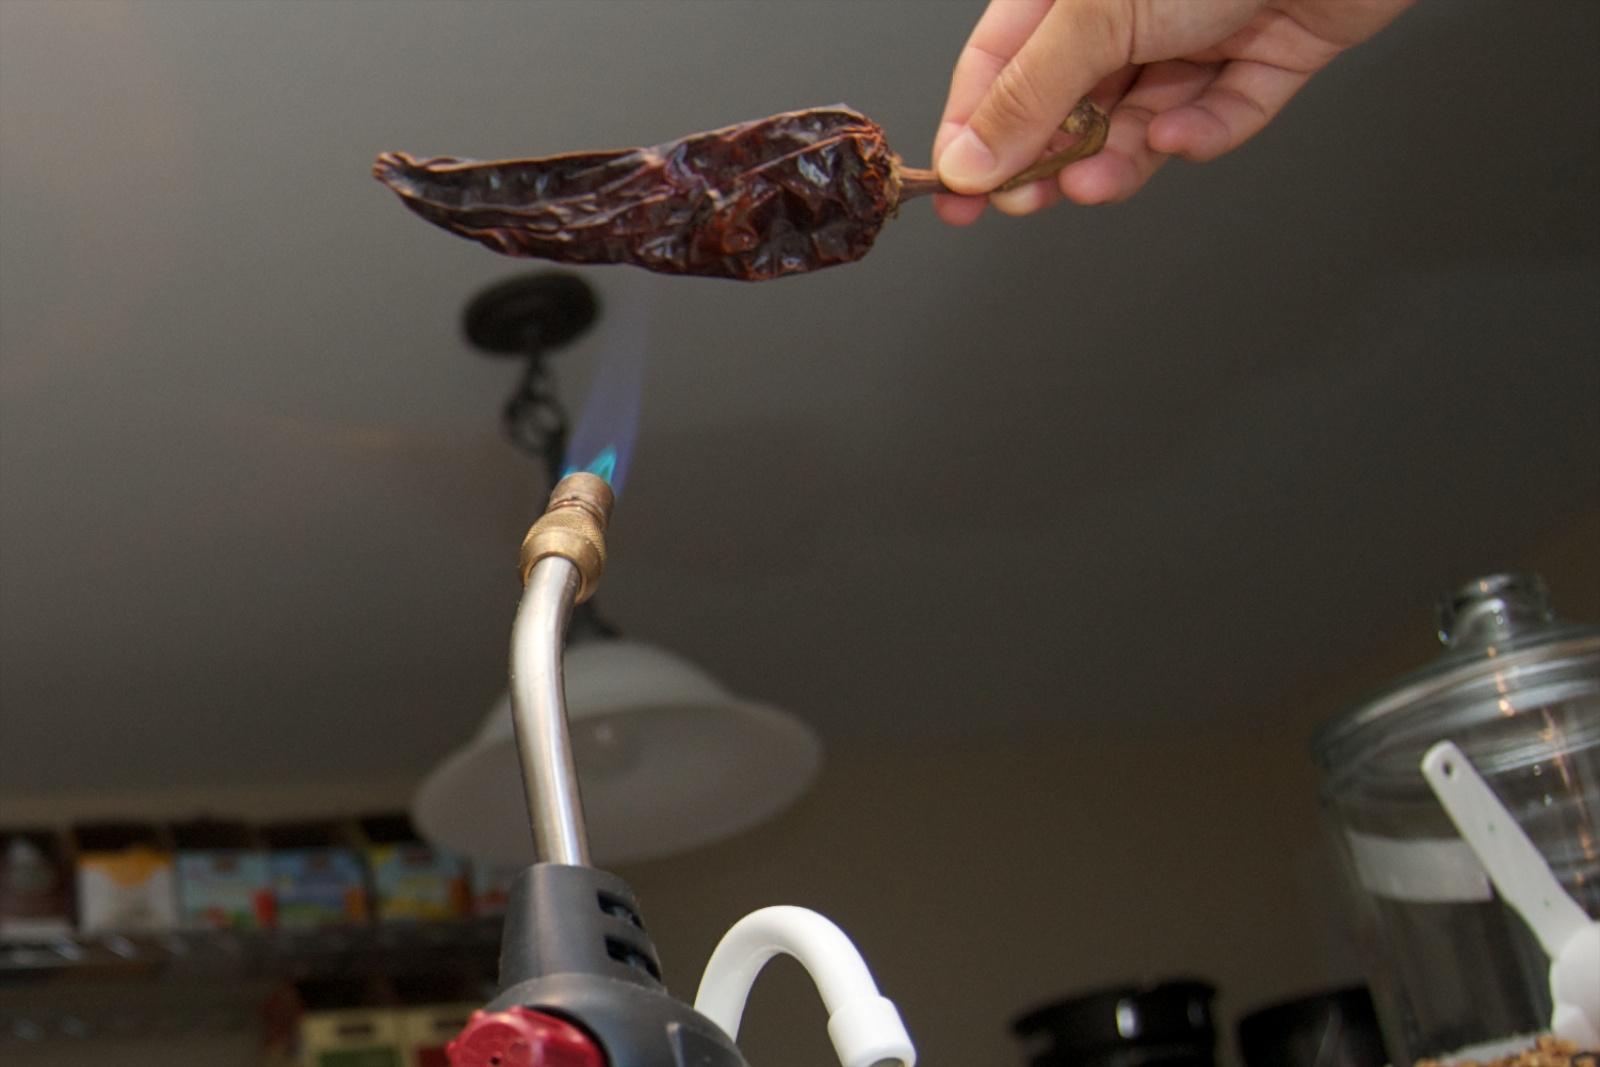 http://blog.rickk.com/food/2010/10/03/berbere3.jpg